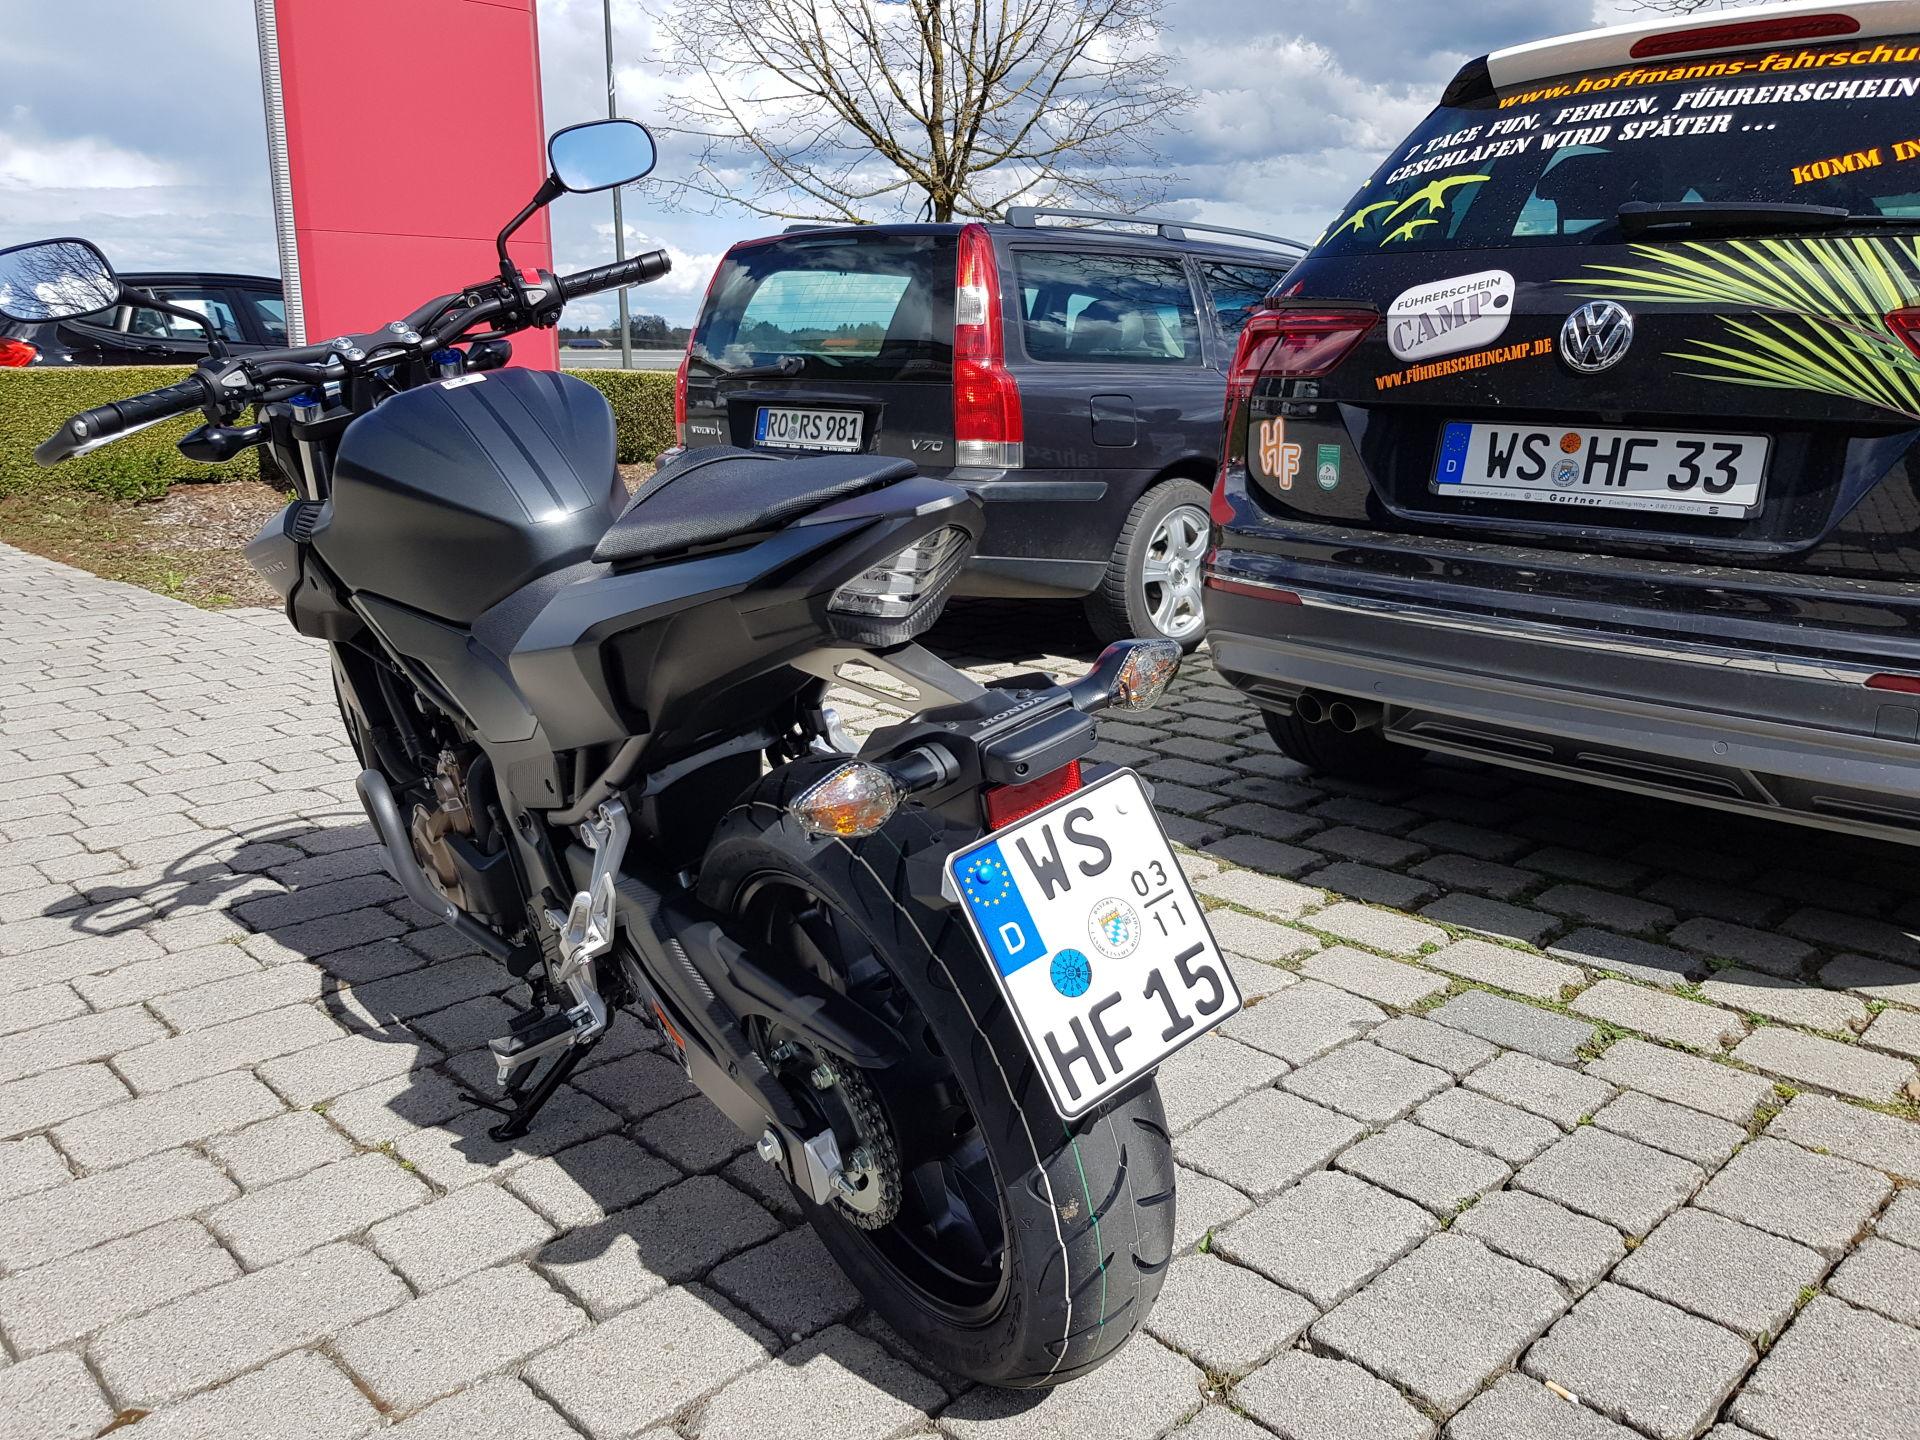 Honda CB 500 F / WS HF 15